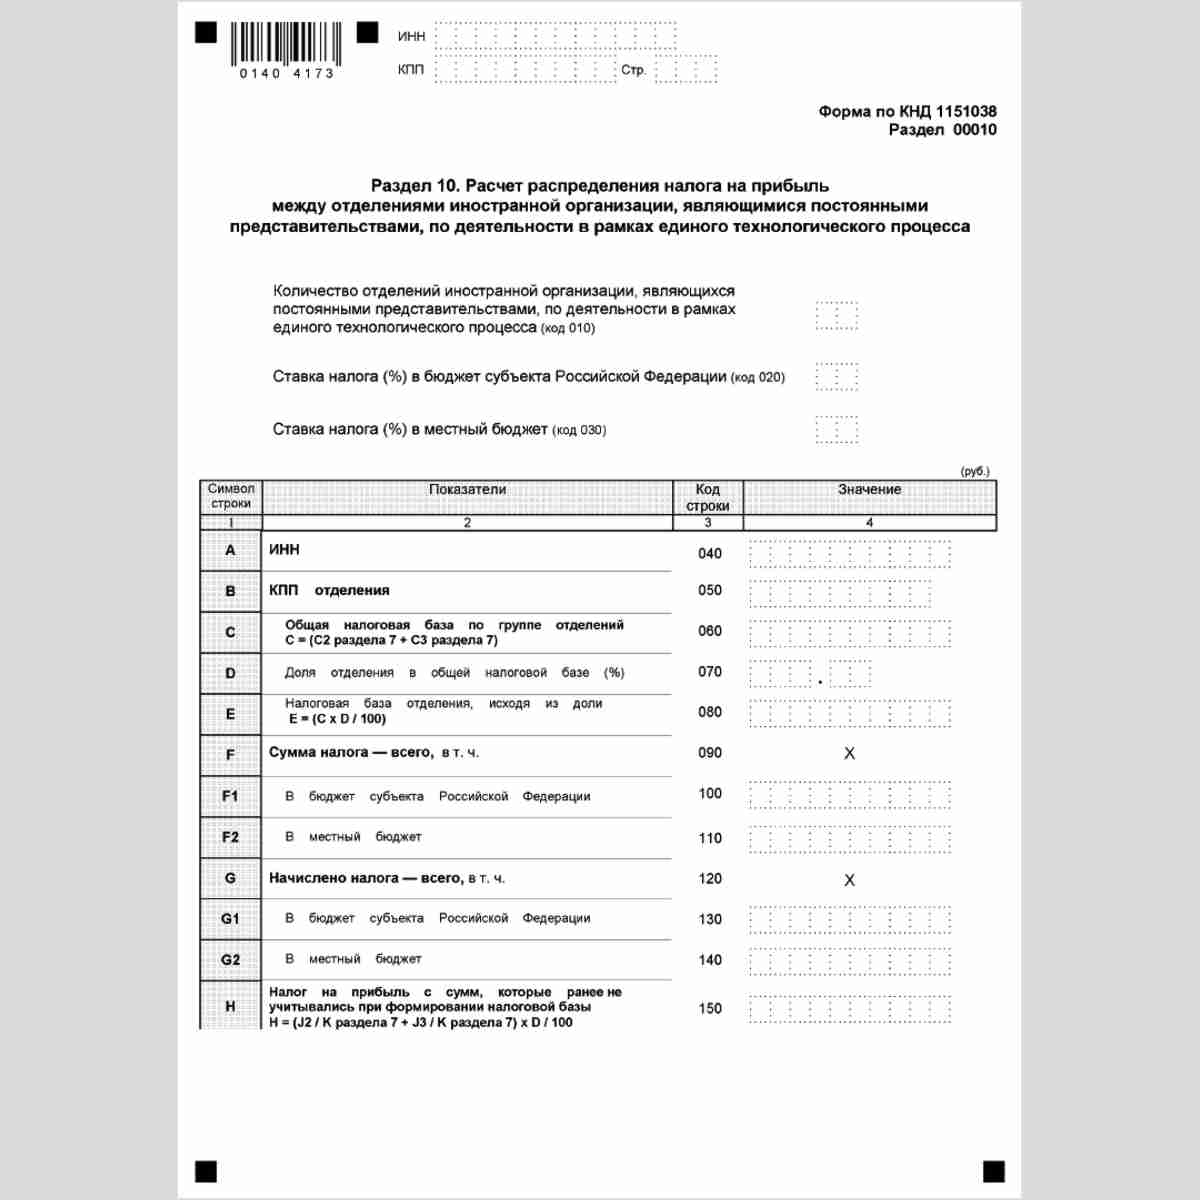 """Форма КНД 1151038 """"Налоговая декларация по налогу на прибыль иностранной организации"""". Стр. 17"""